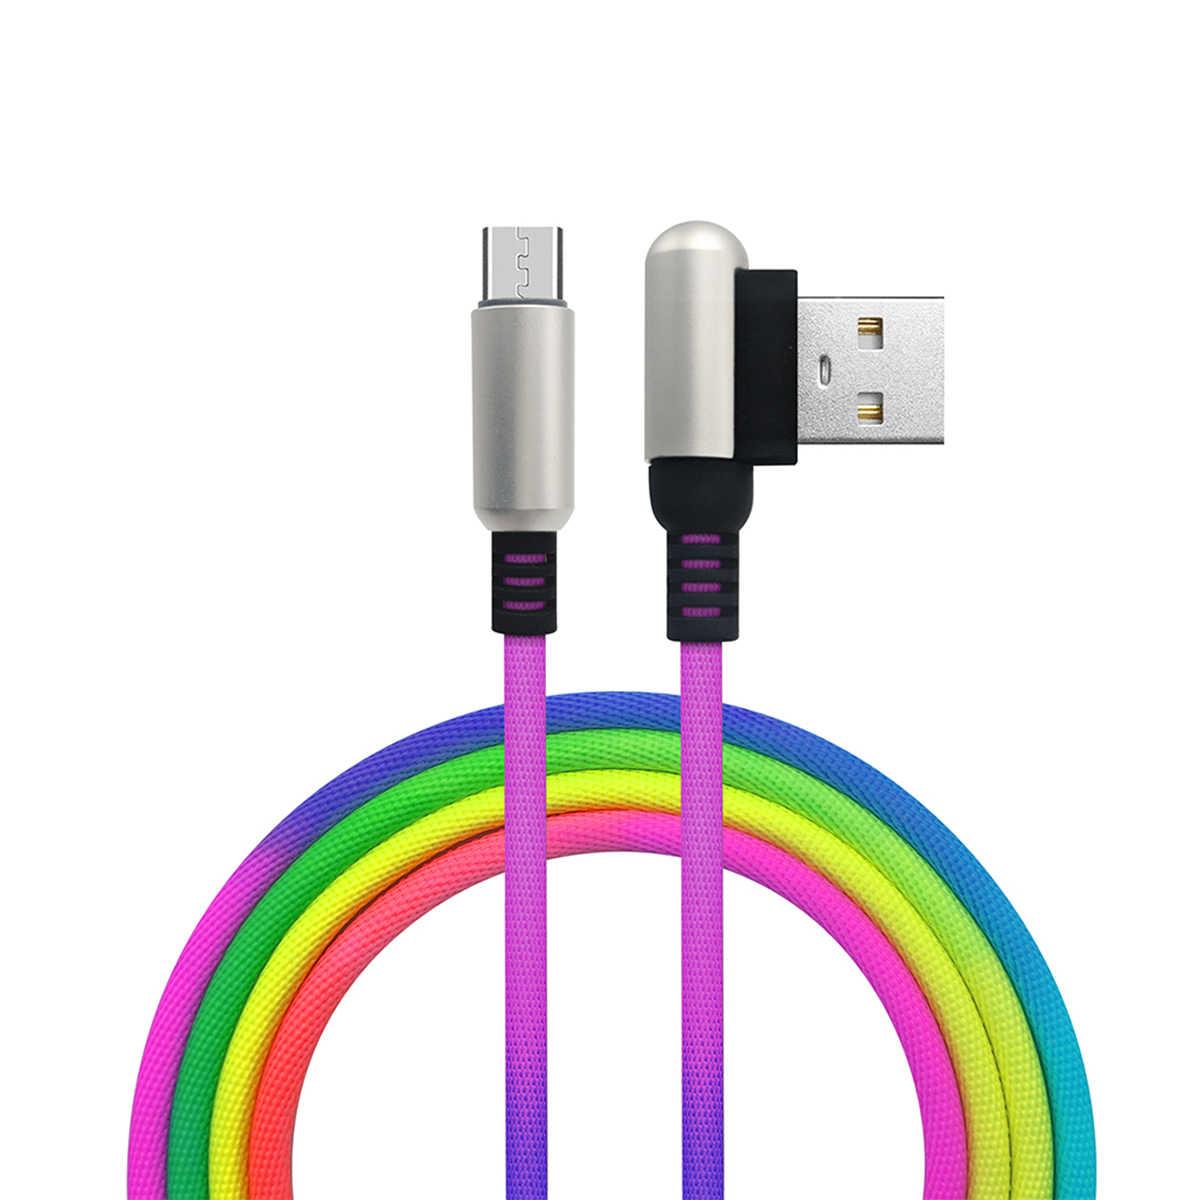 SOONHUA Мода 1 м нейлоновый Дата кабель Micro usb type C быстрое зарядное устройство кабель для передачи данных градиентный металлический пружинный usb кабель для Apple LeEco